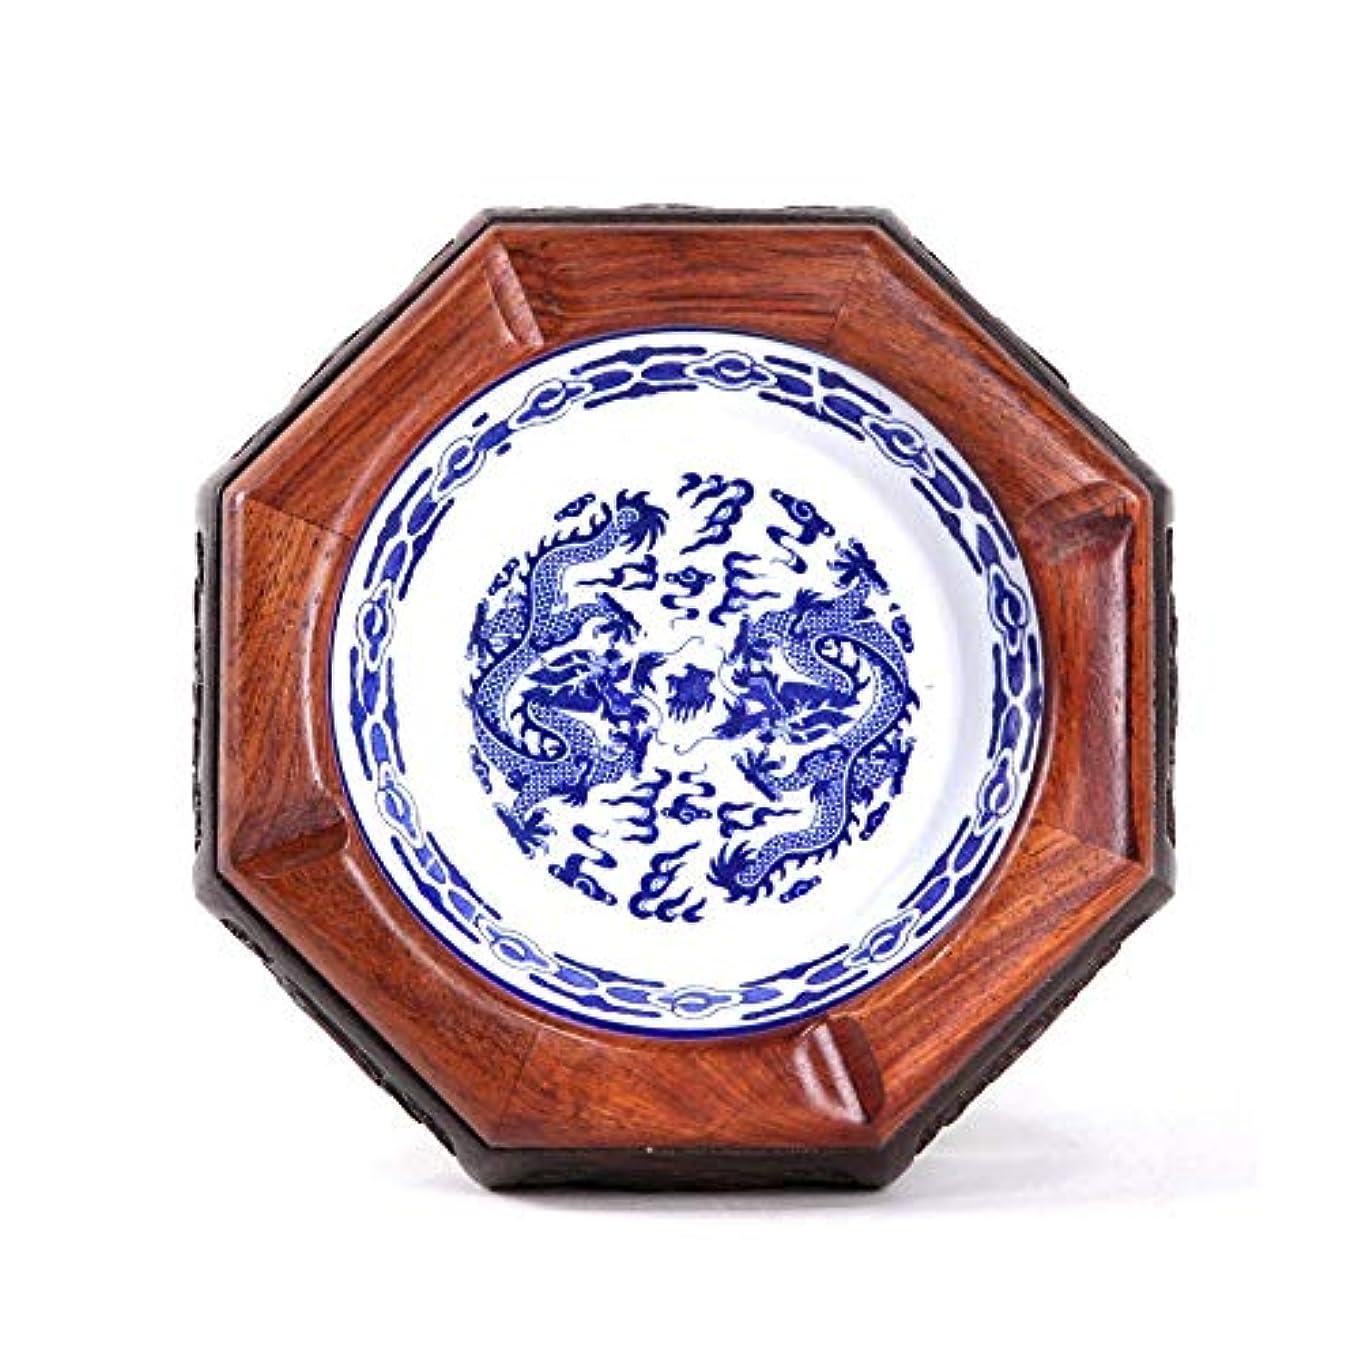 成功する震えるスラムオフィスの居間の灰皿、中国のレトロな陶磁器並ぶ木製の灰皿、家の屋内と屋外の庭のエレガントな灰皿 (色 : L)